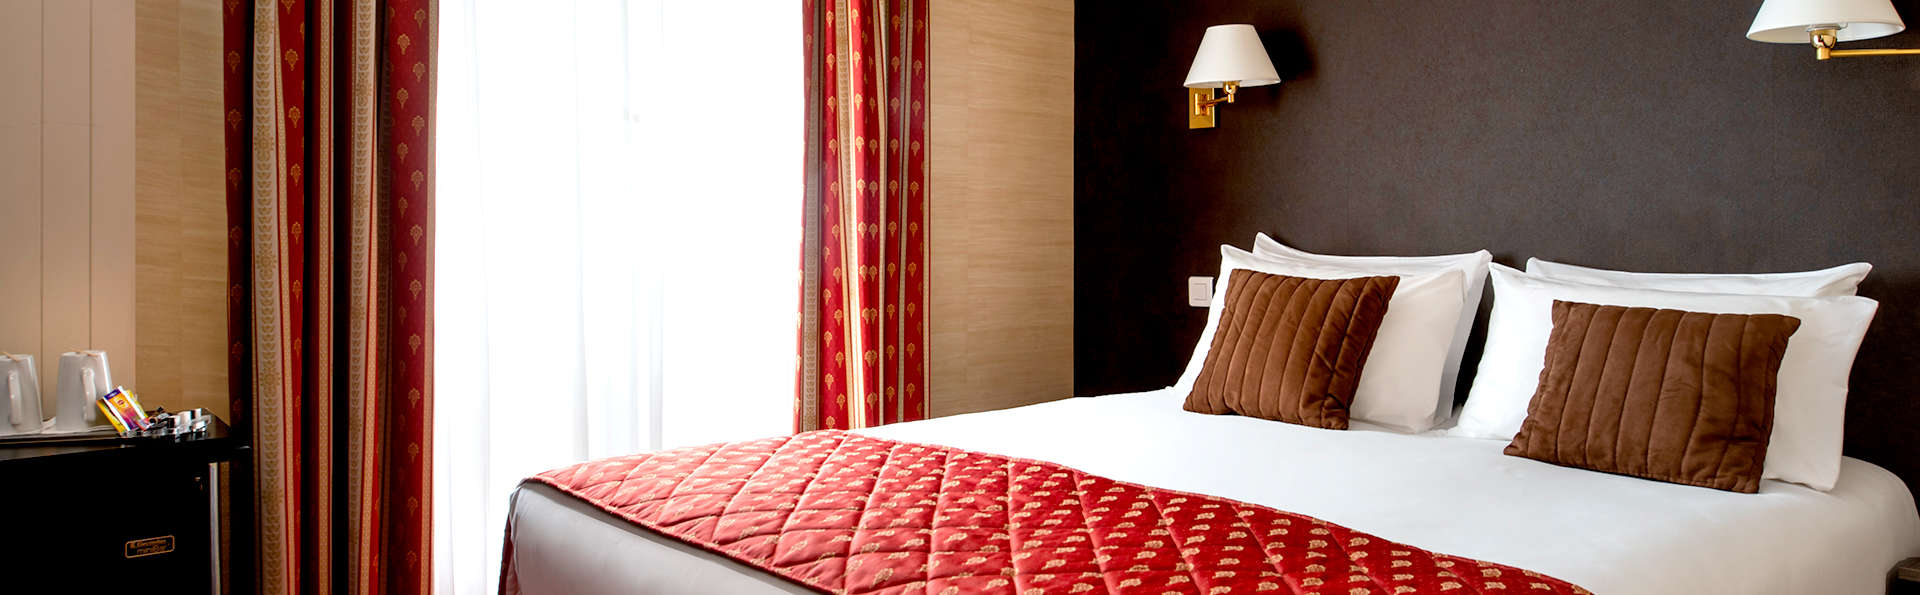 Hotel Abaca Messidor - Edit_Room.jpg